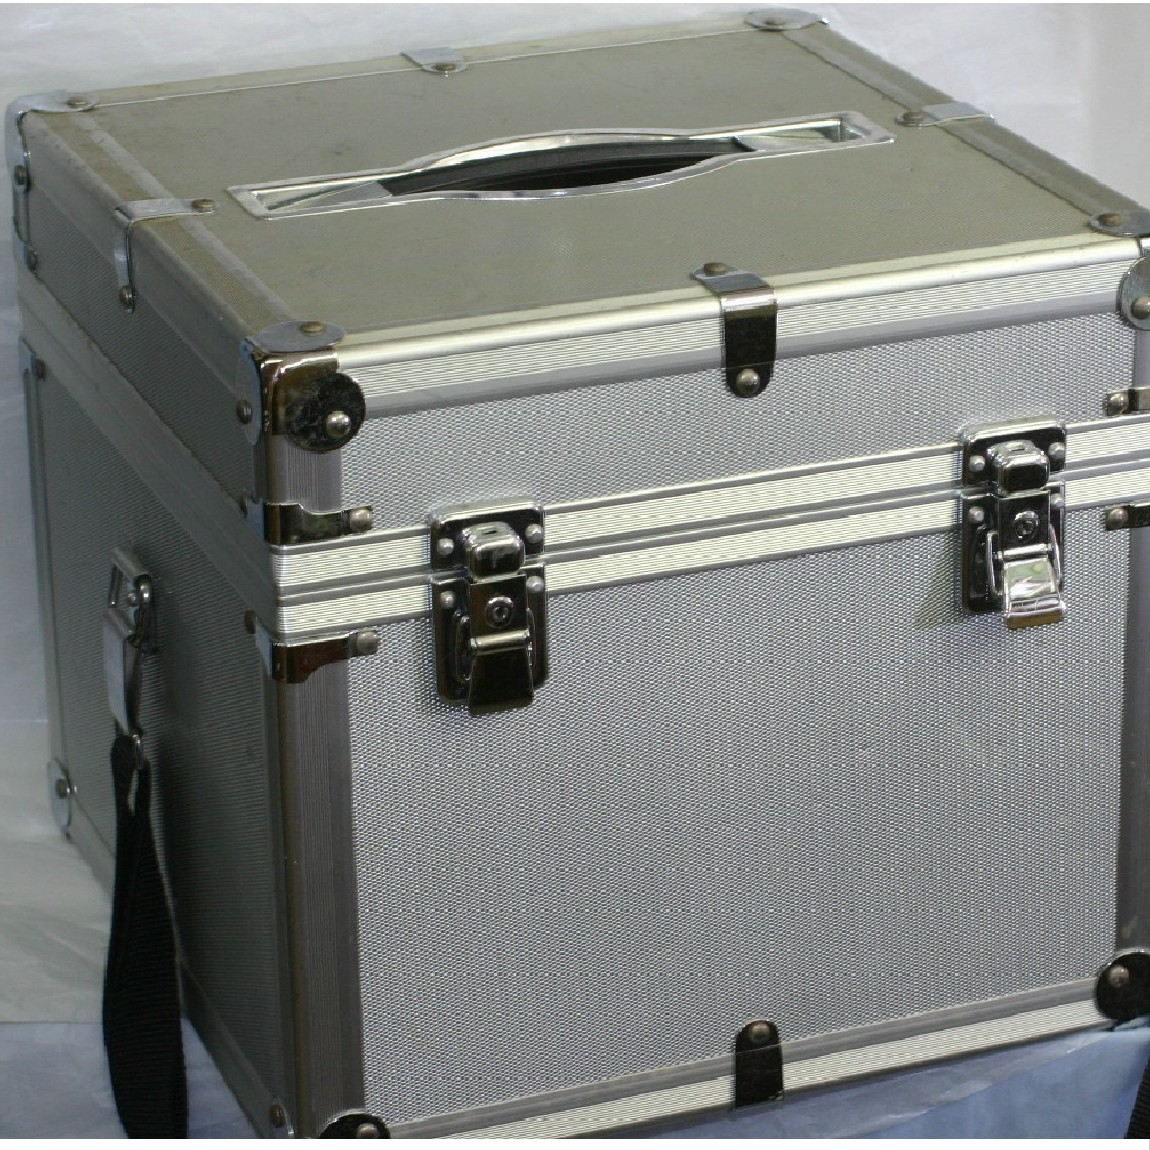 【中古】本物USED日本プロフォートのプロカメラマン用大判カメラ収納用アルミ素材のハードケース サイズW32H29D32cm